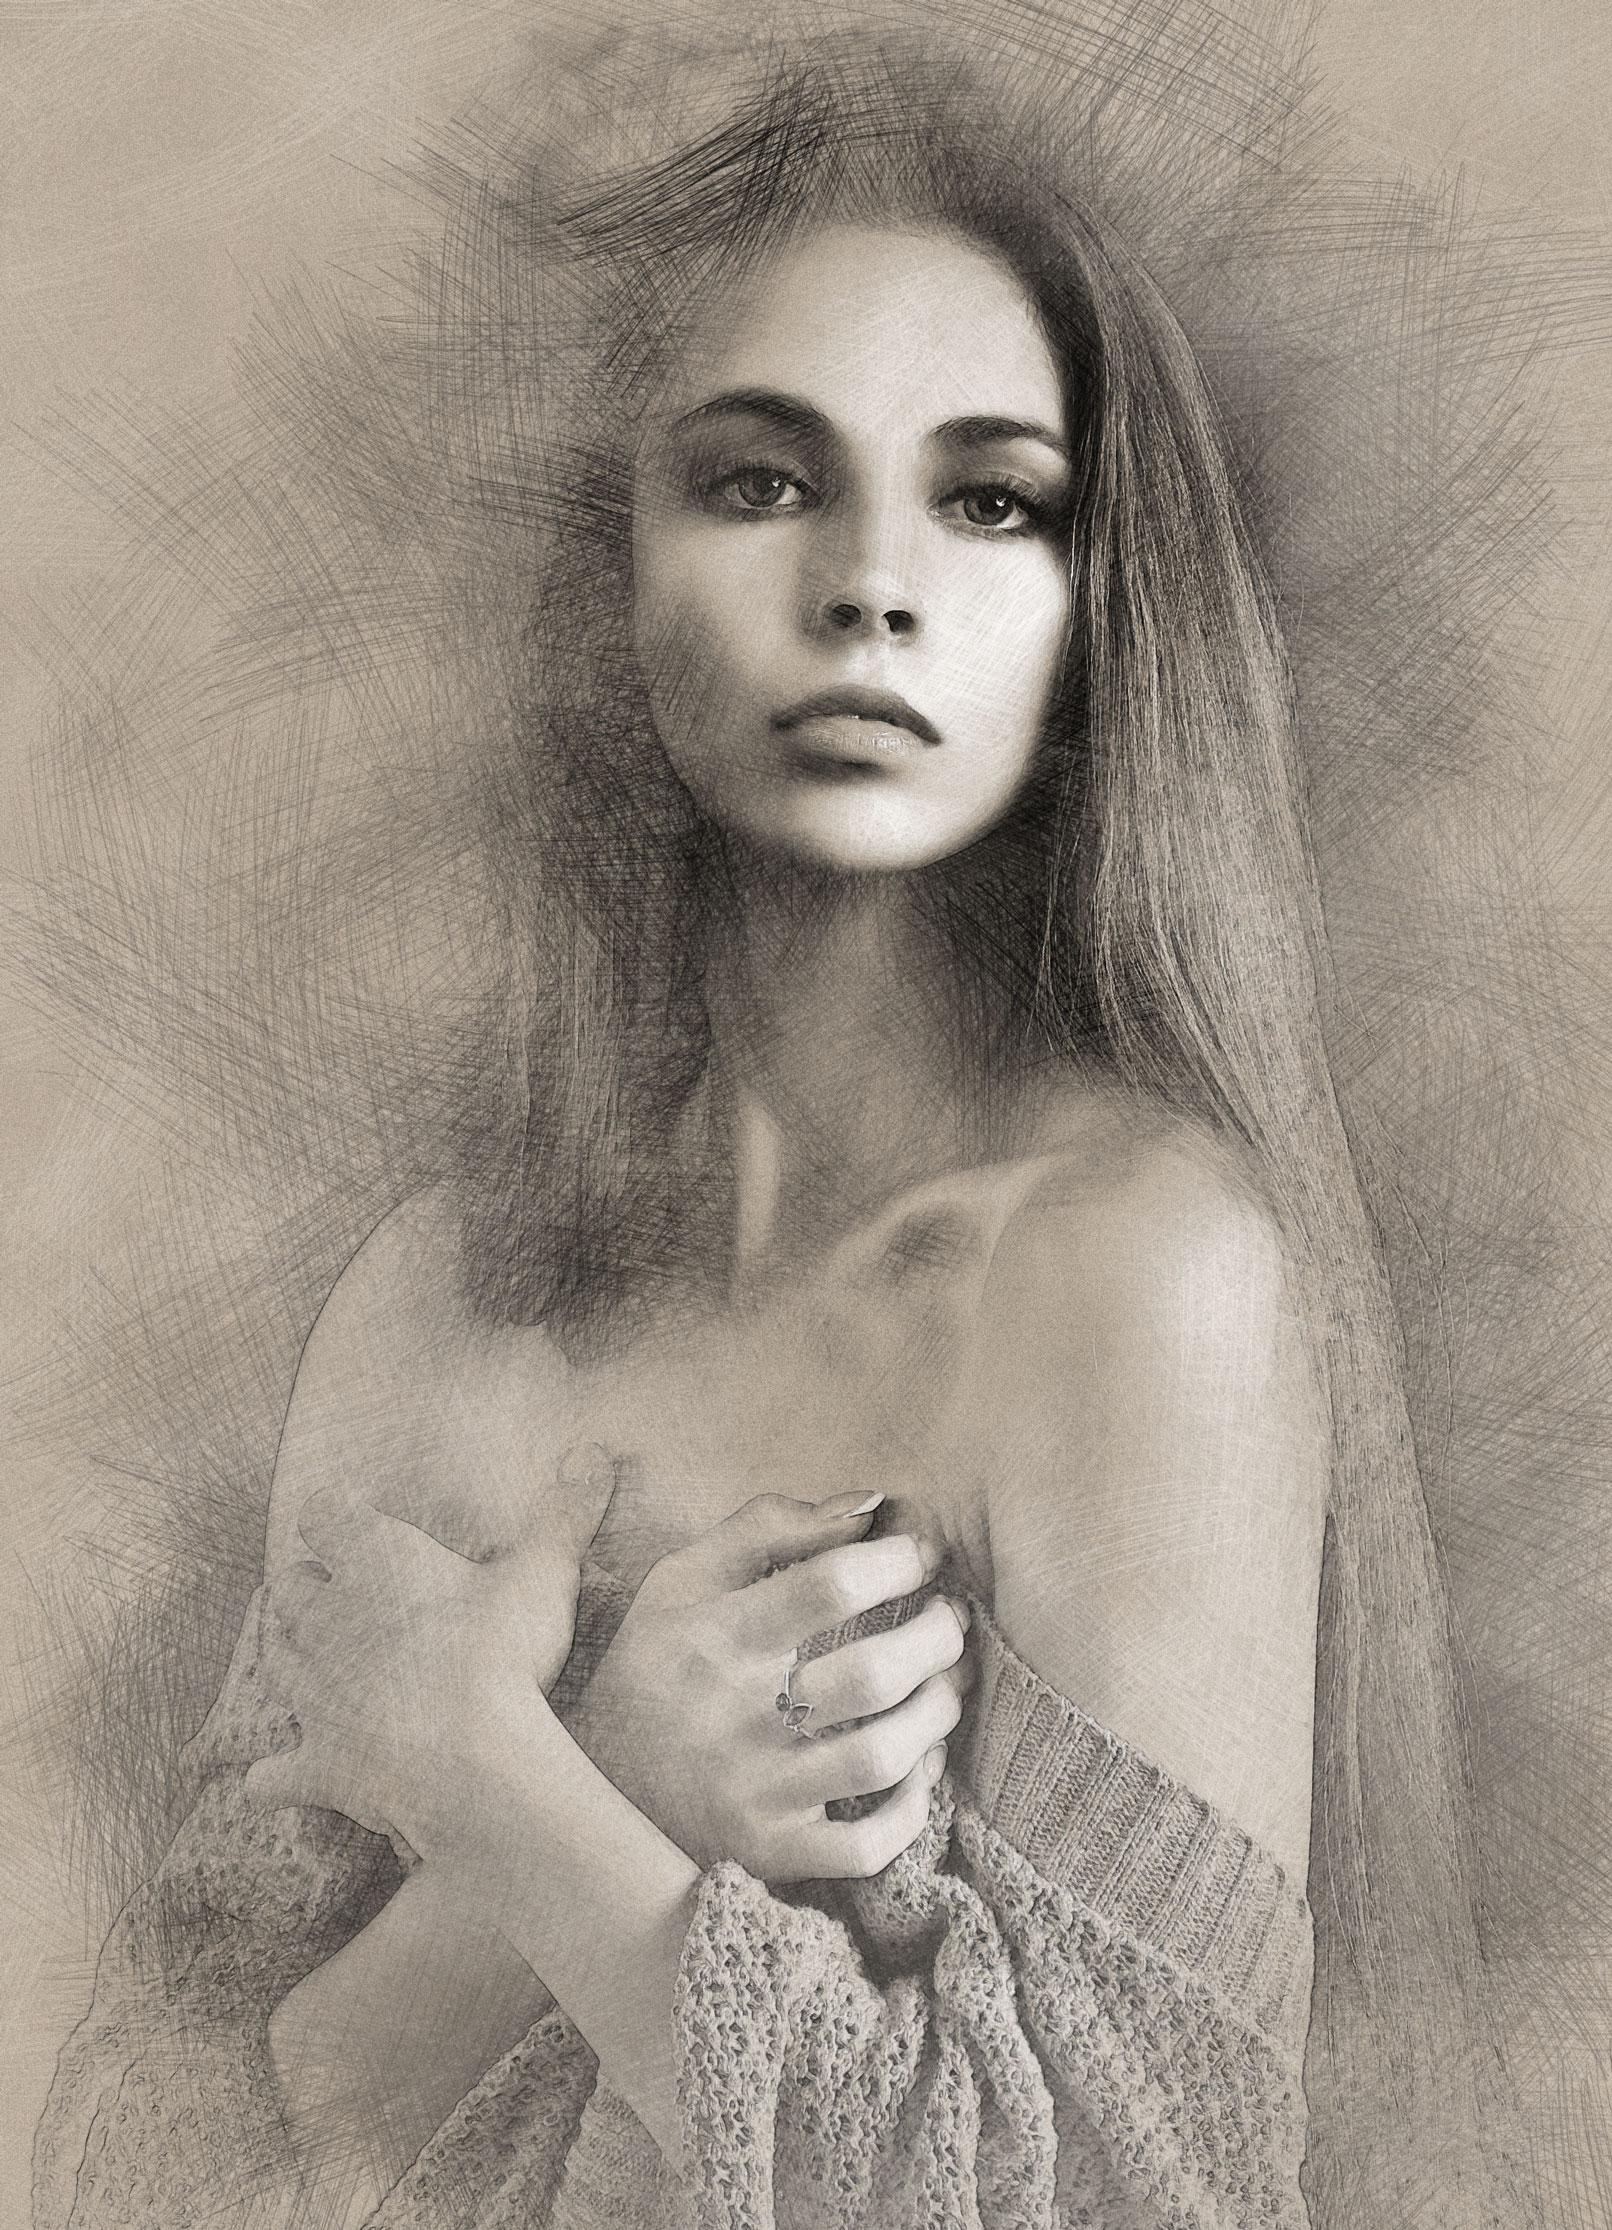 Porträt einer Frau als Bleistiftzeichnung, Foto umgewandelt mithilfe der Photoshop-Aktion